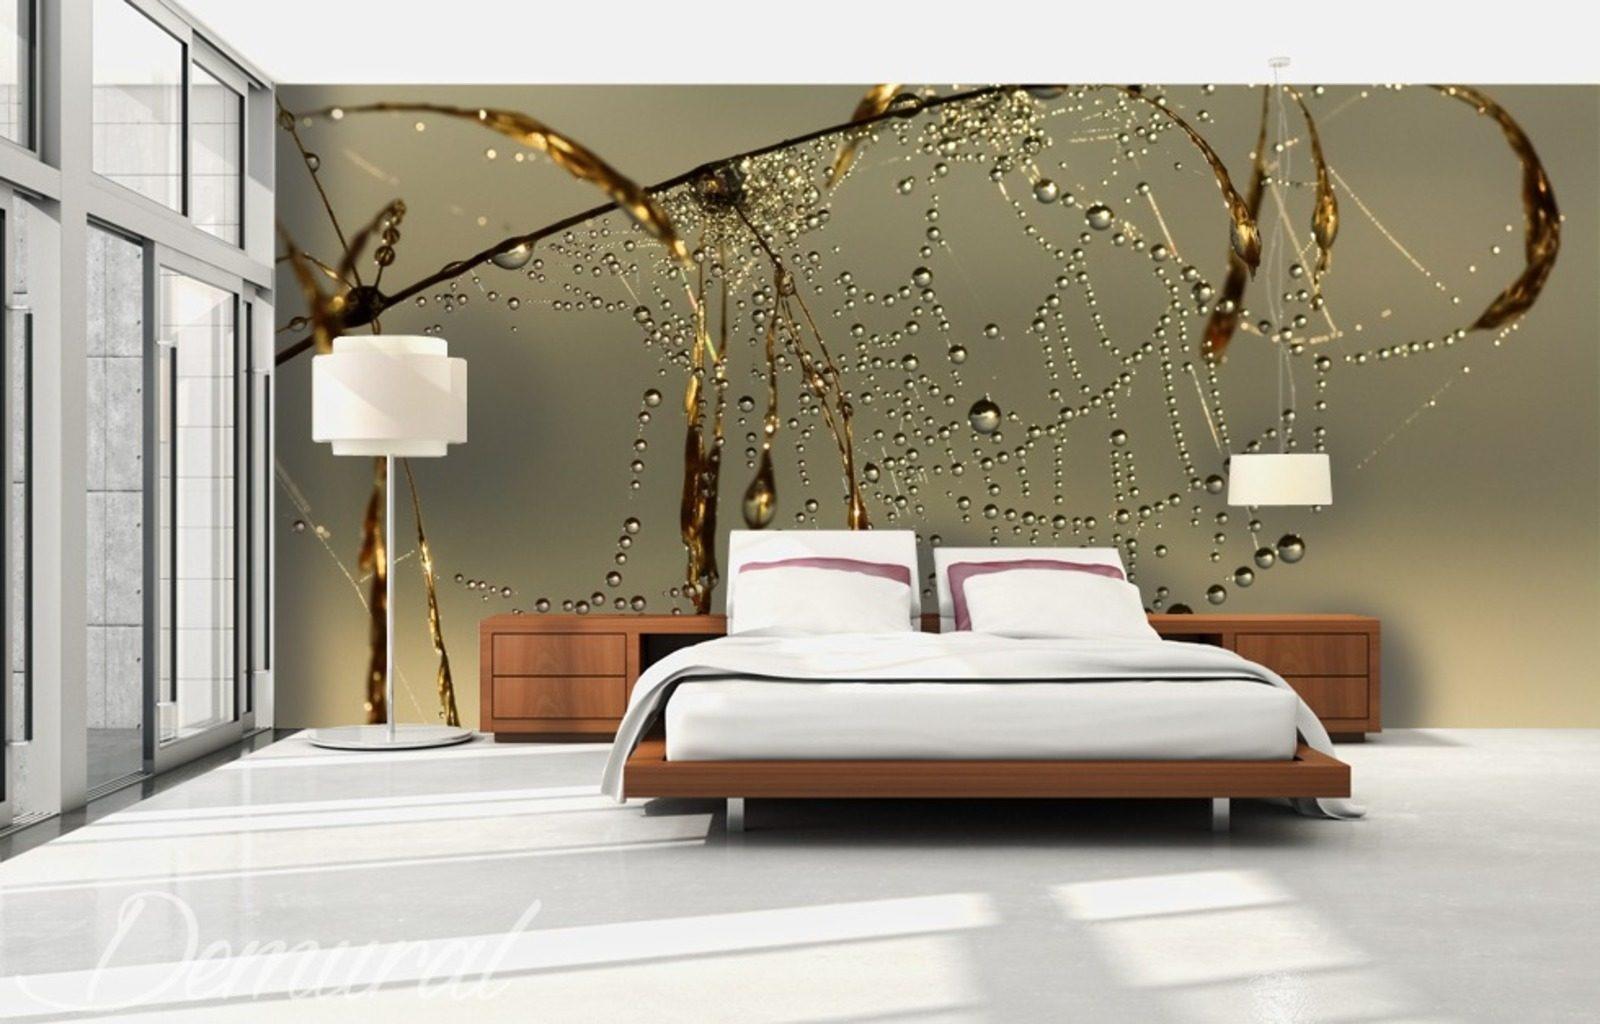 Dans les r ves papier peint pour le chambres coucher papiers peints demural - Papier peint pour chambre a coucher ...